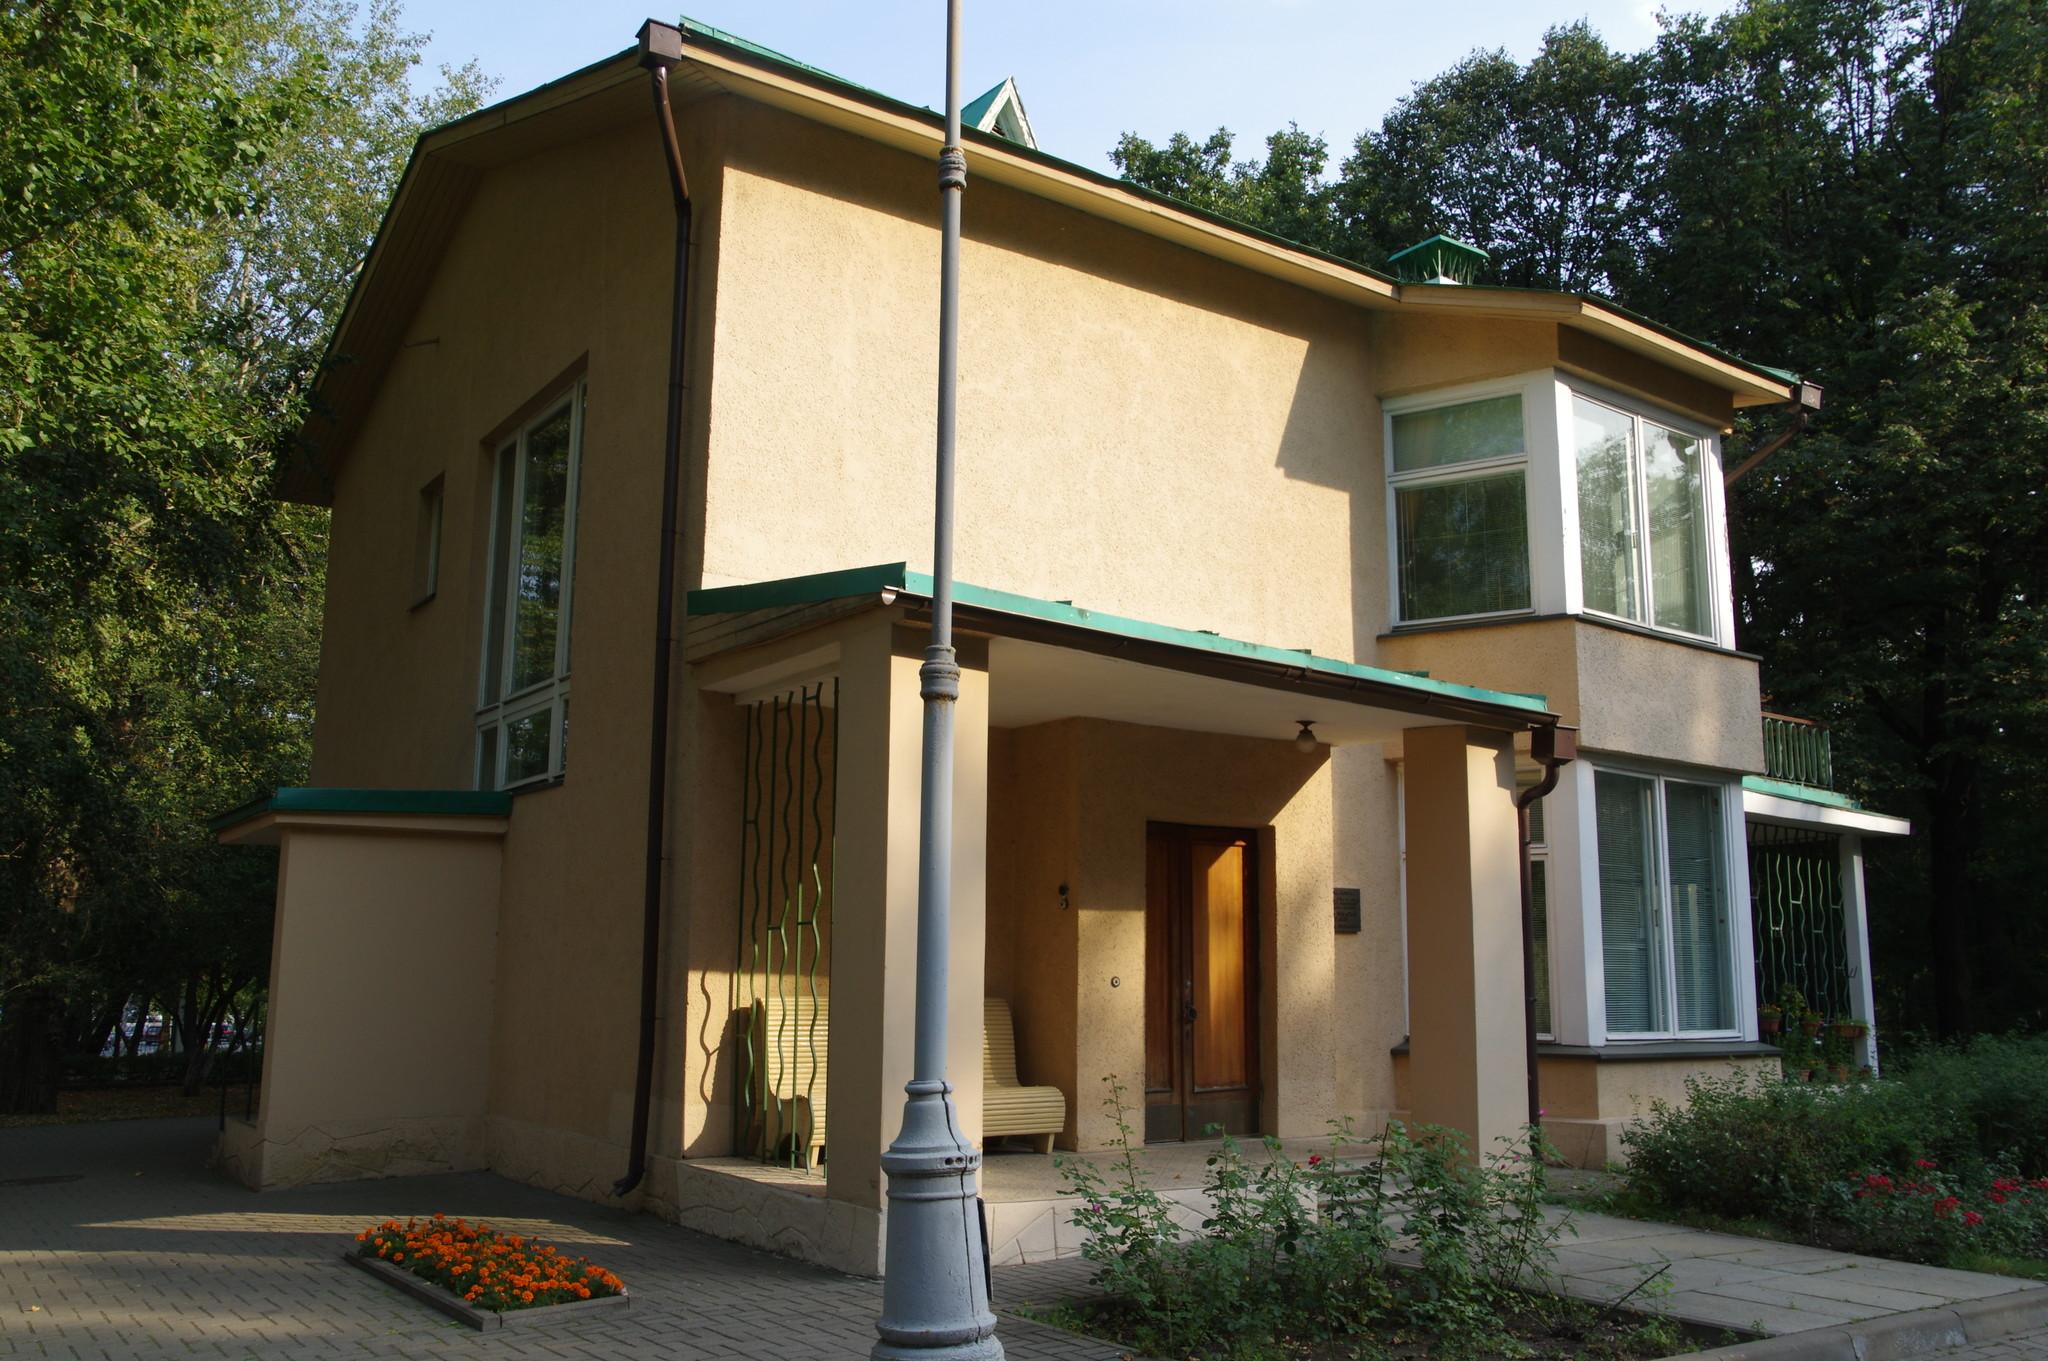 Мемориальный дом-музей академика С.П. Королева (1-я Останкинская улица, дом 28)